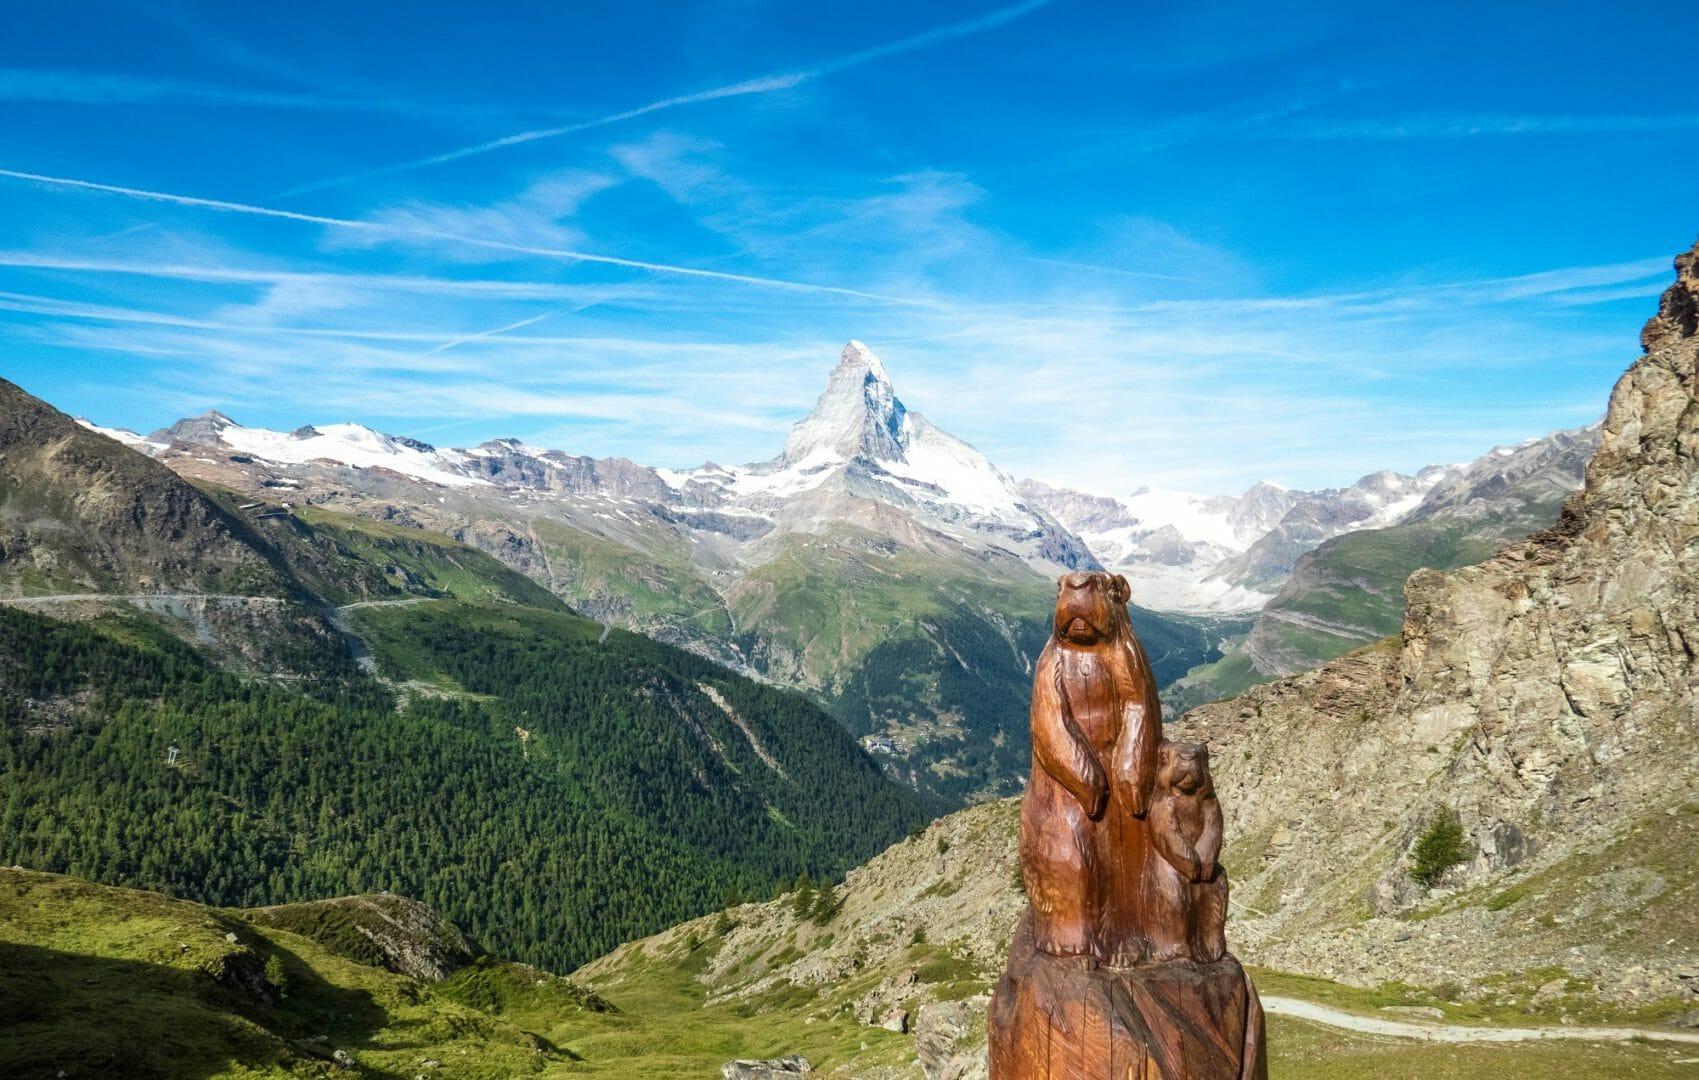 Randonnée en Suisse, le sentier des marmottes à Zermatt_photo On hoidays again